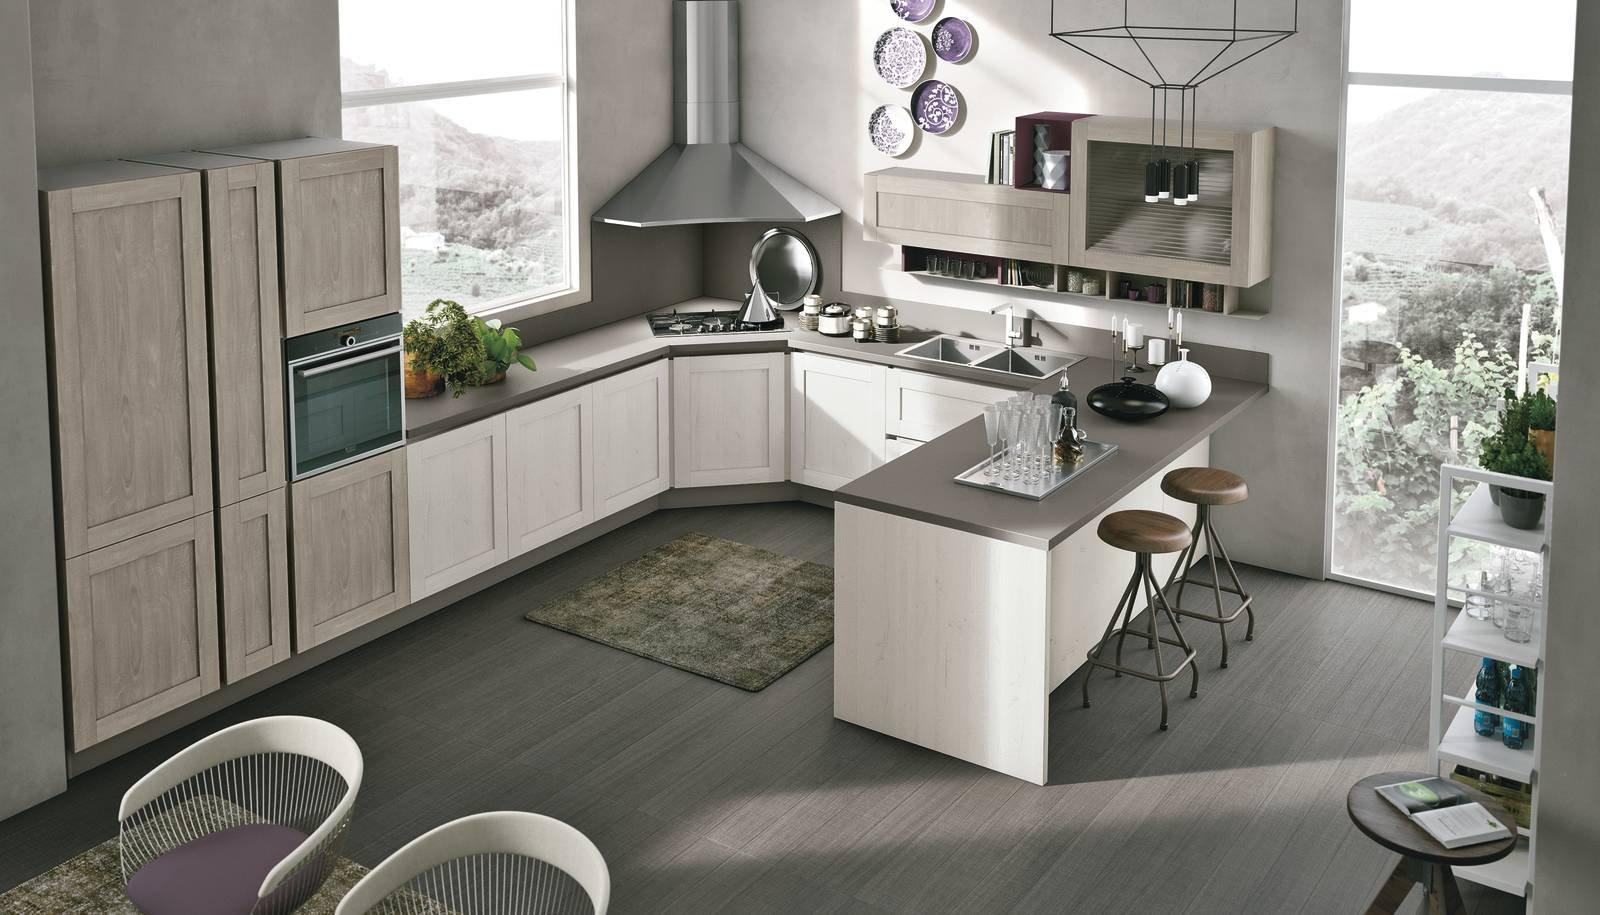 Lavello Cucina Ad Angolo. Cucina Ad Angolo Ikea Images Idee Cucina ...